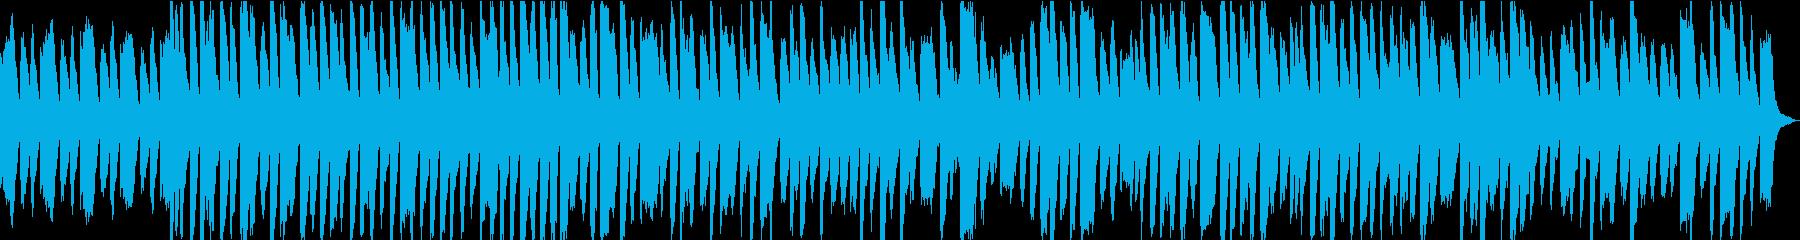 CM・企業VP用。60秒の明るいポップスの再生済みの波形